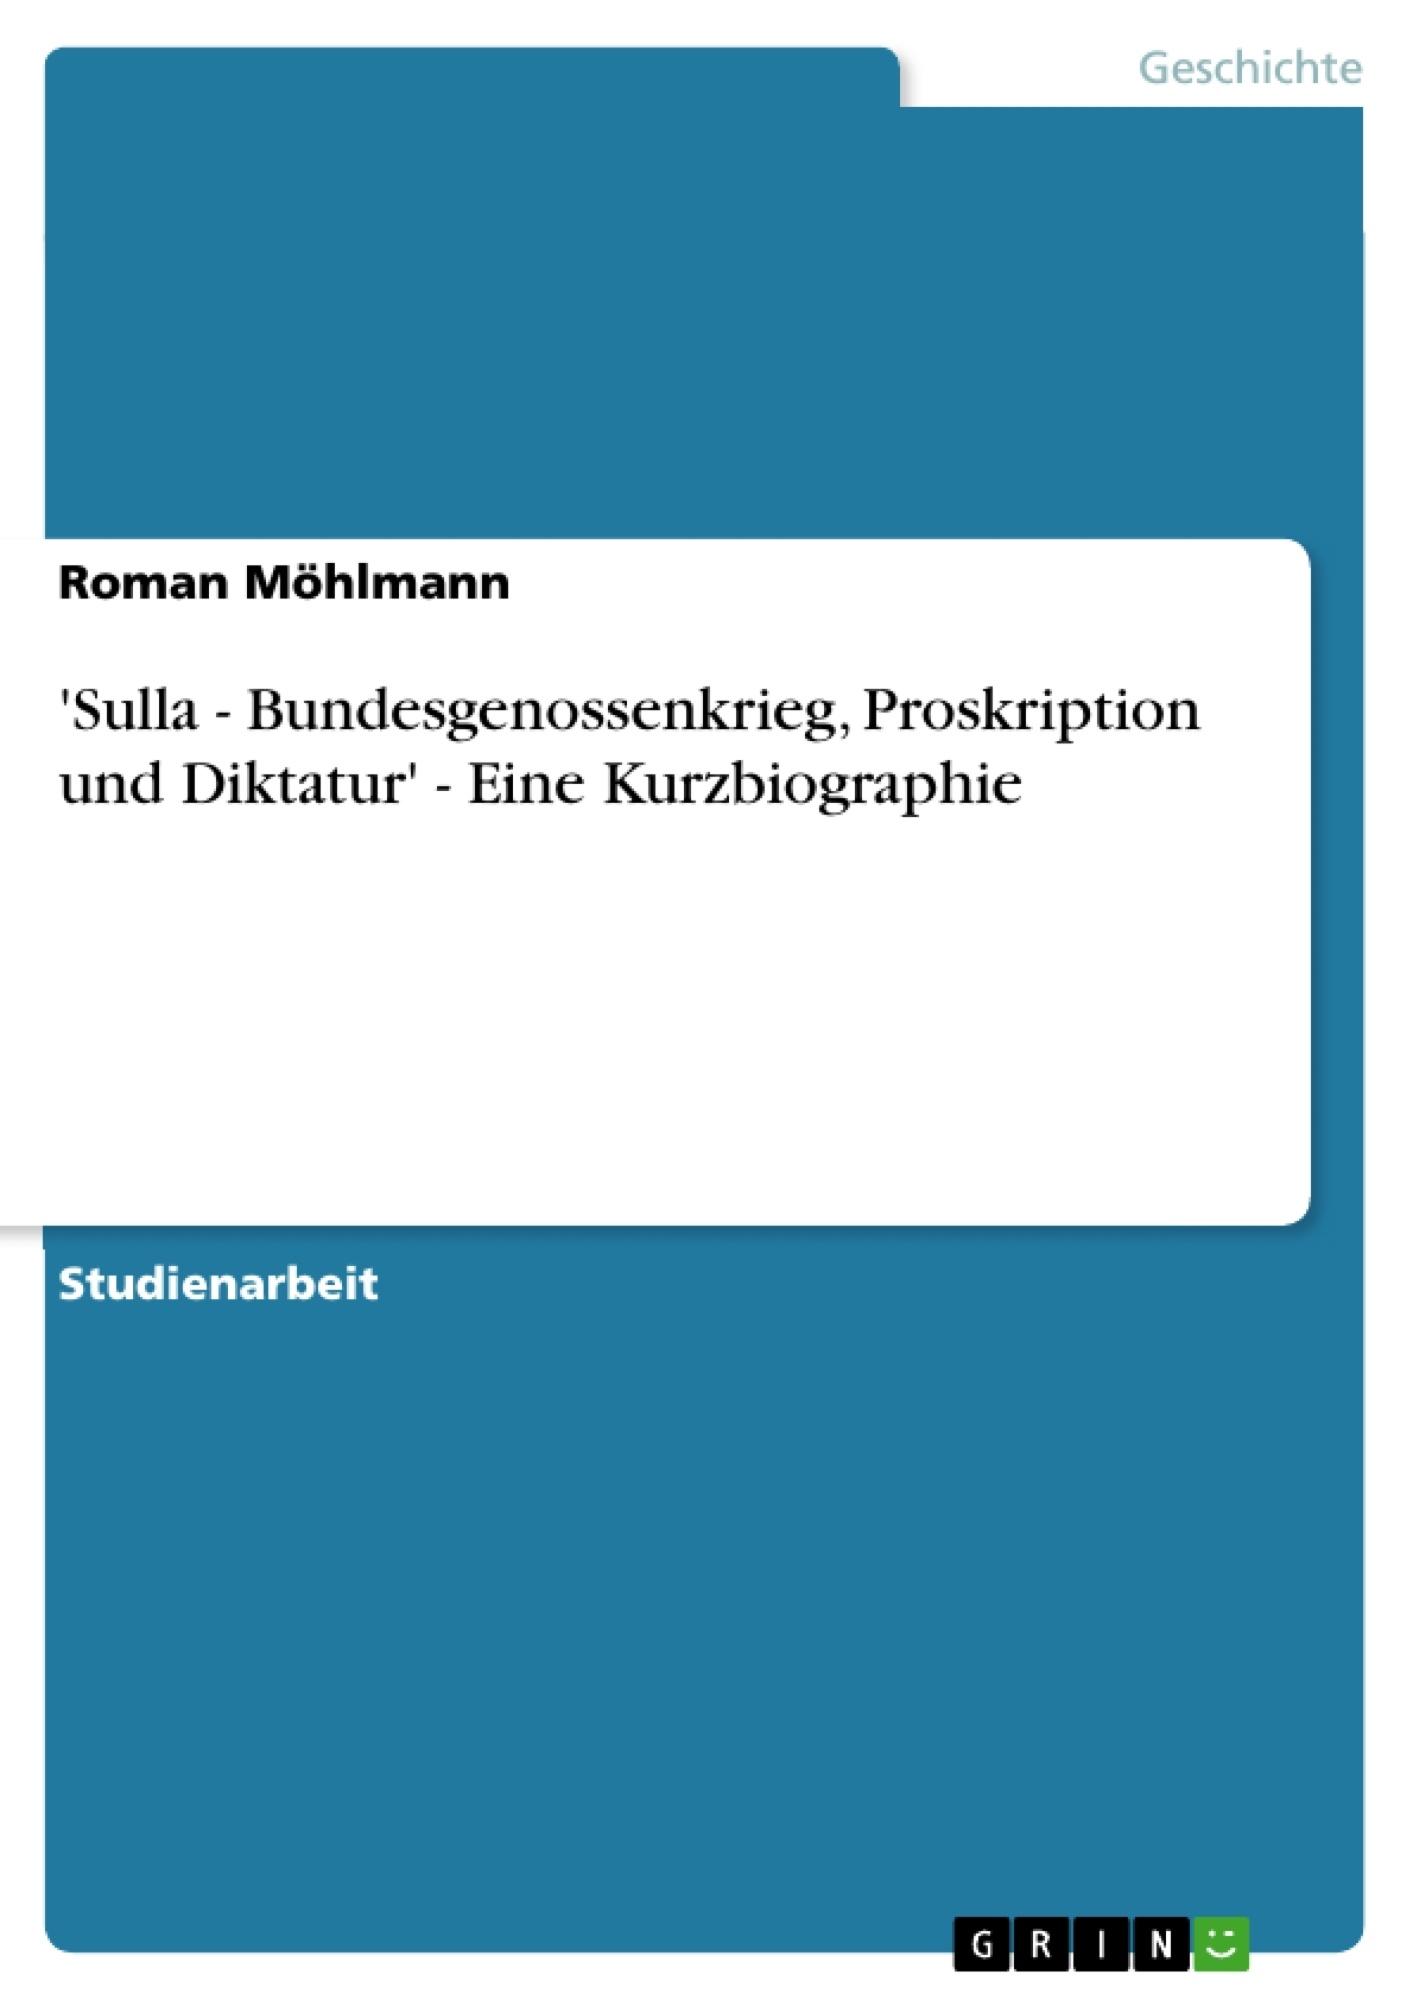 Titel: 'Sulla - Bundesgenossenkrieg, Proskription und Diktatur' - Eine Kurzbiographie